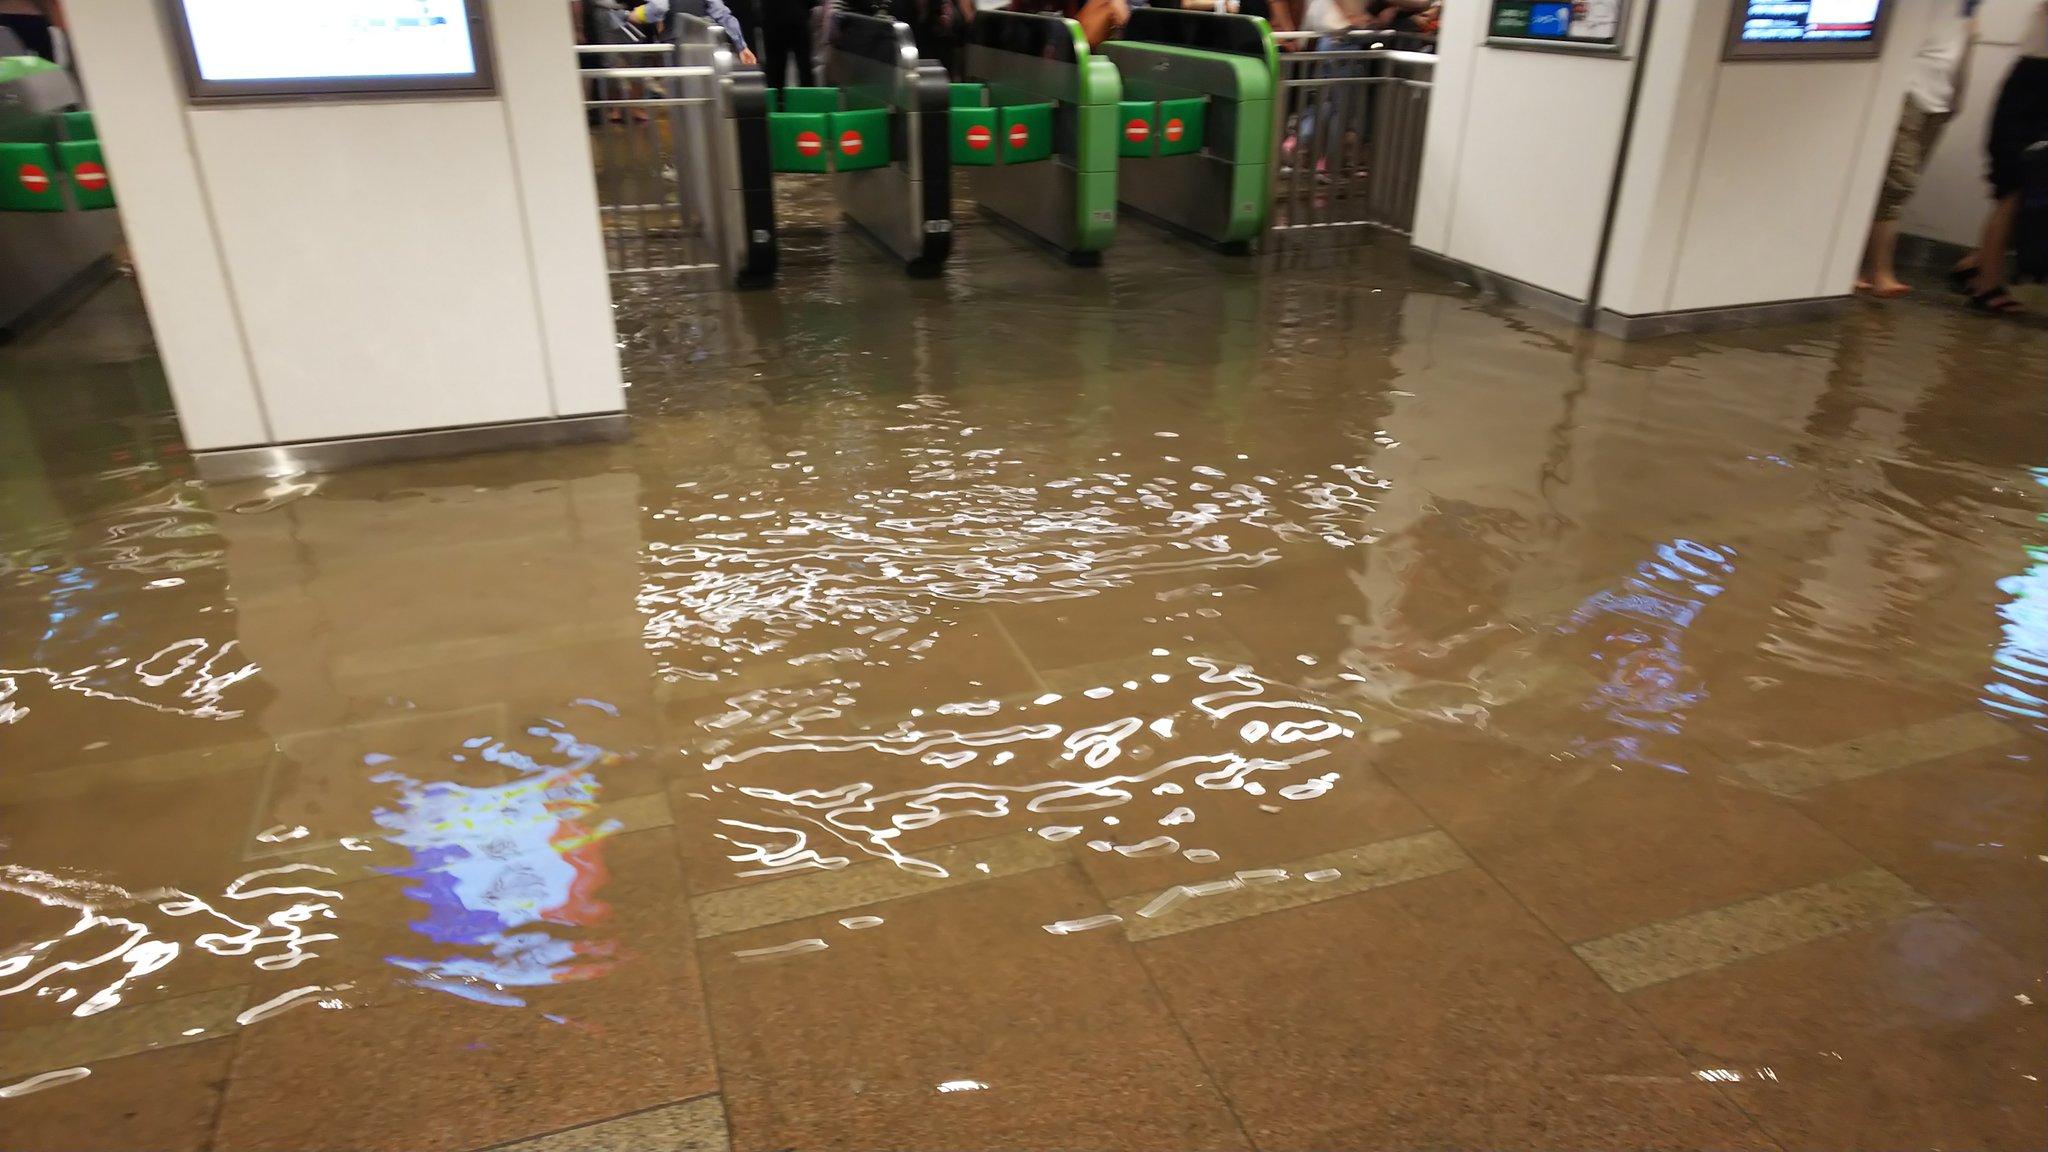 画像,新小岩駅…浸水……だと…⁉️ https://t.co/5yzzs6My52。